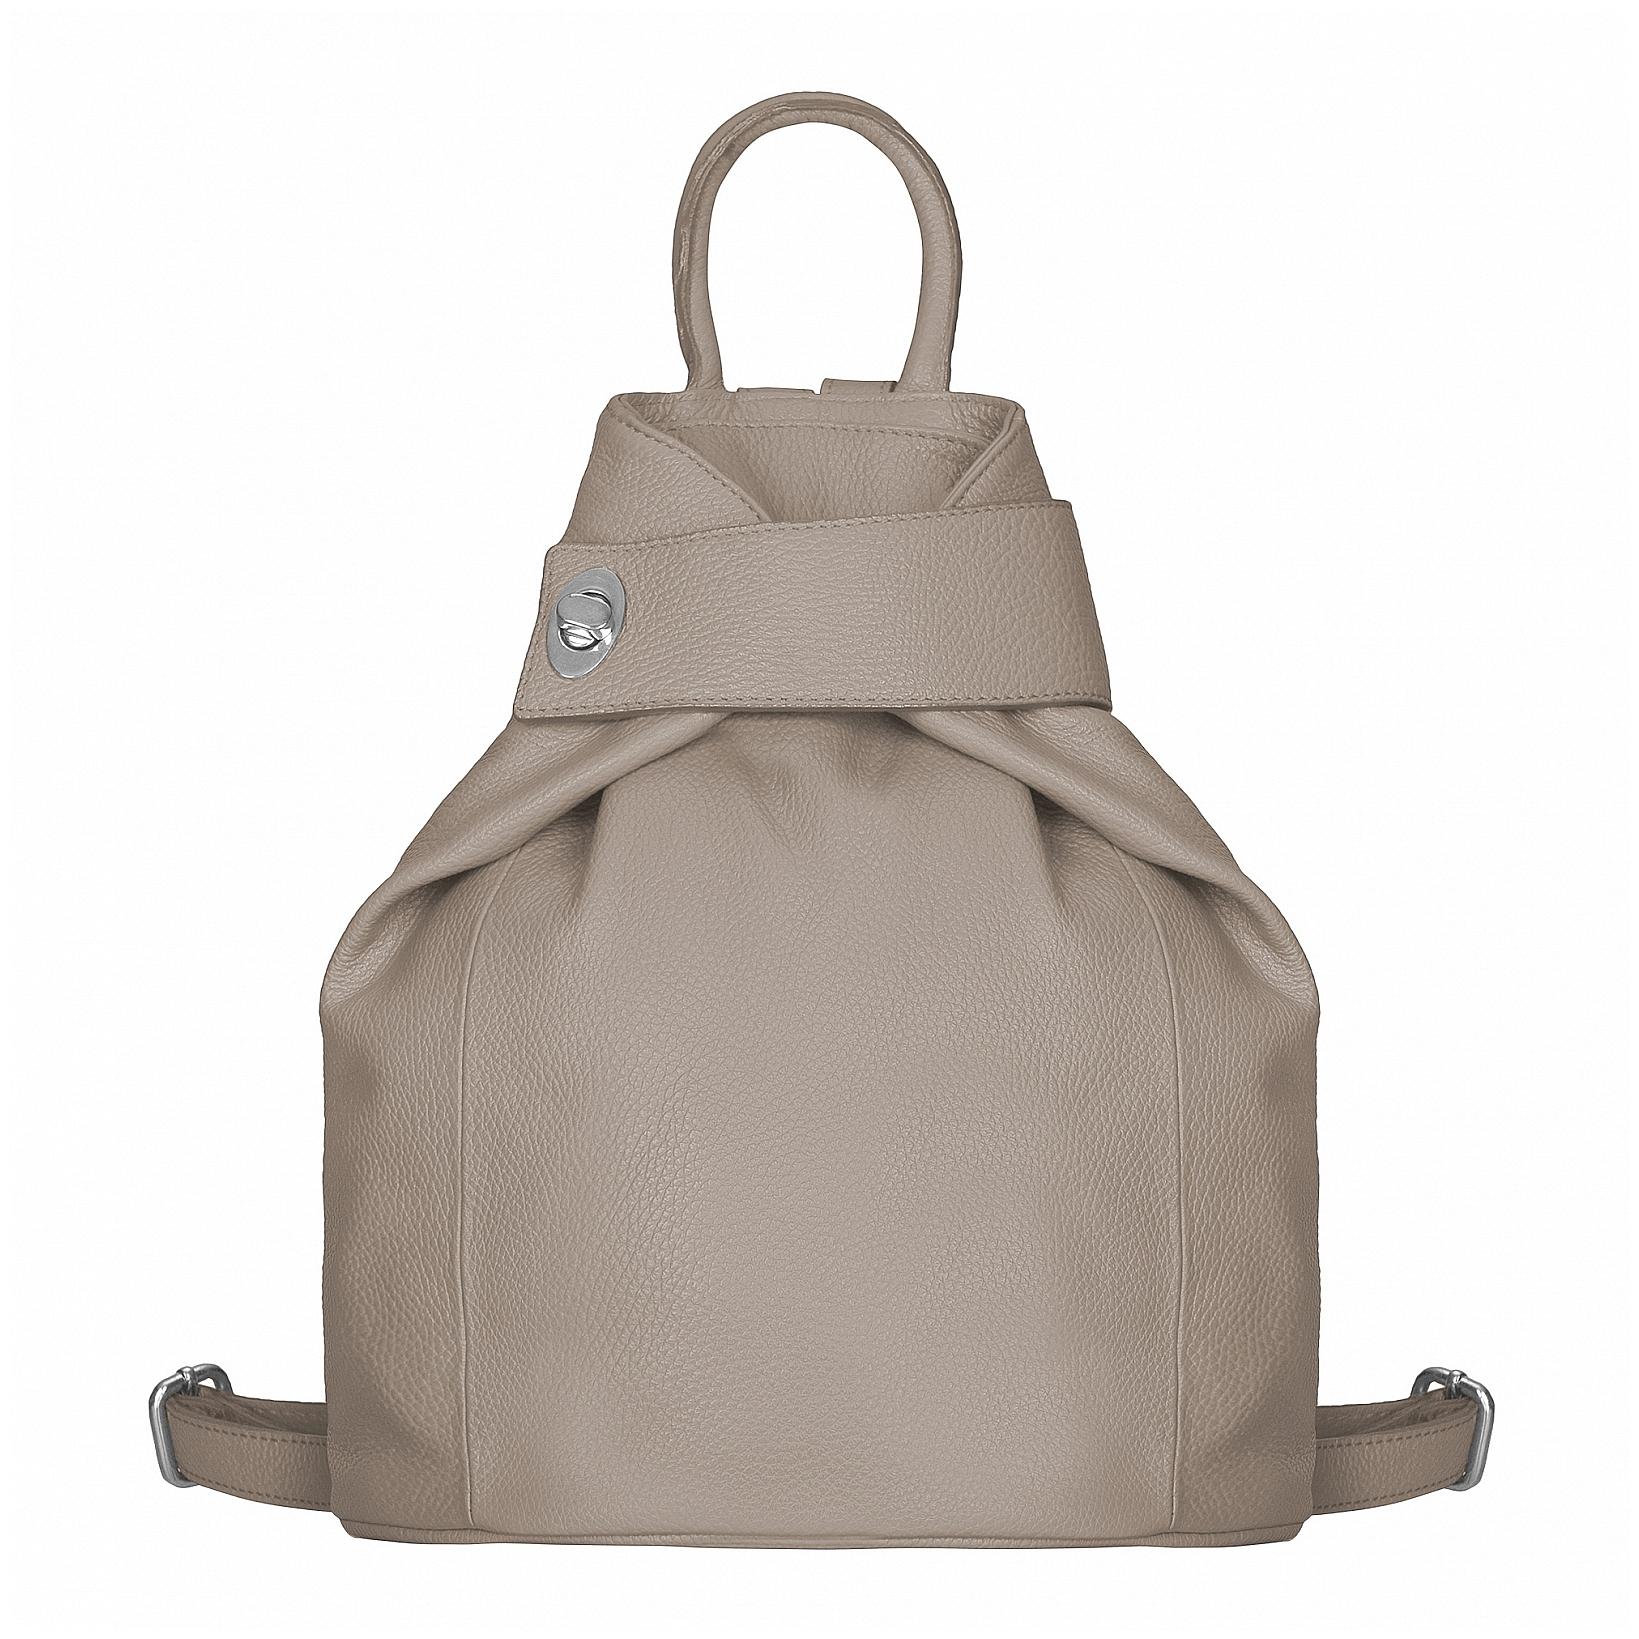 ESTELLE Dámský kožený batoh 0960 béžový